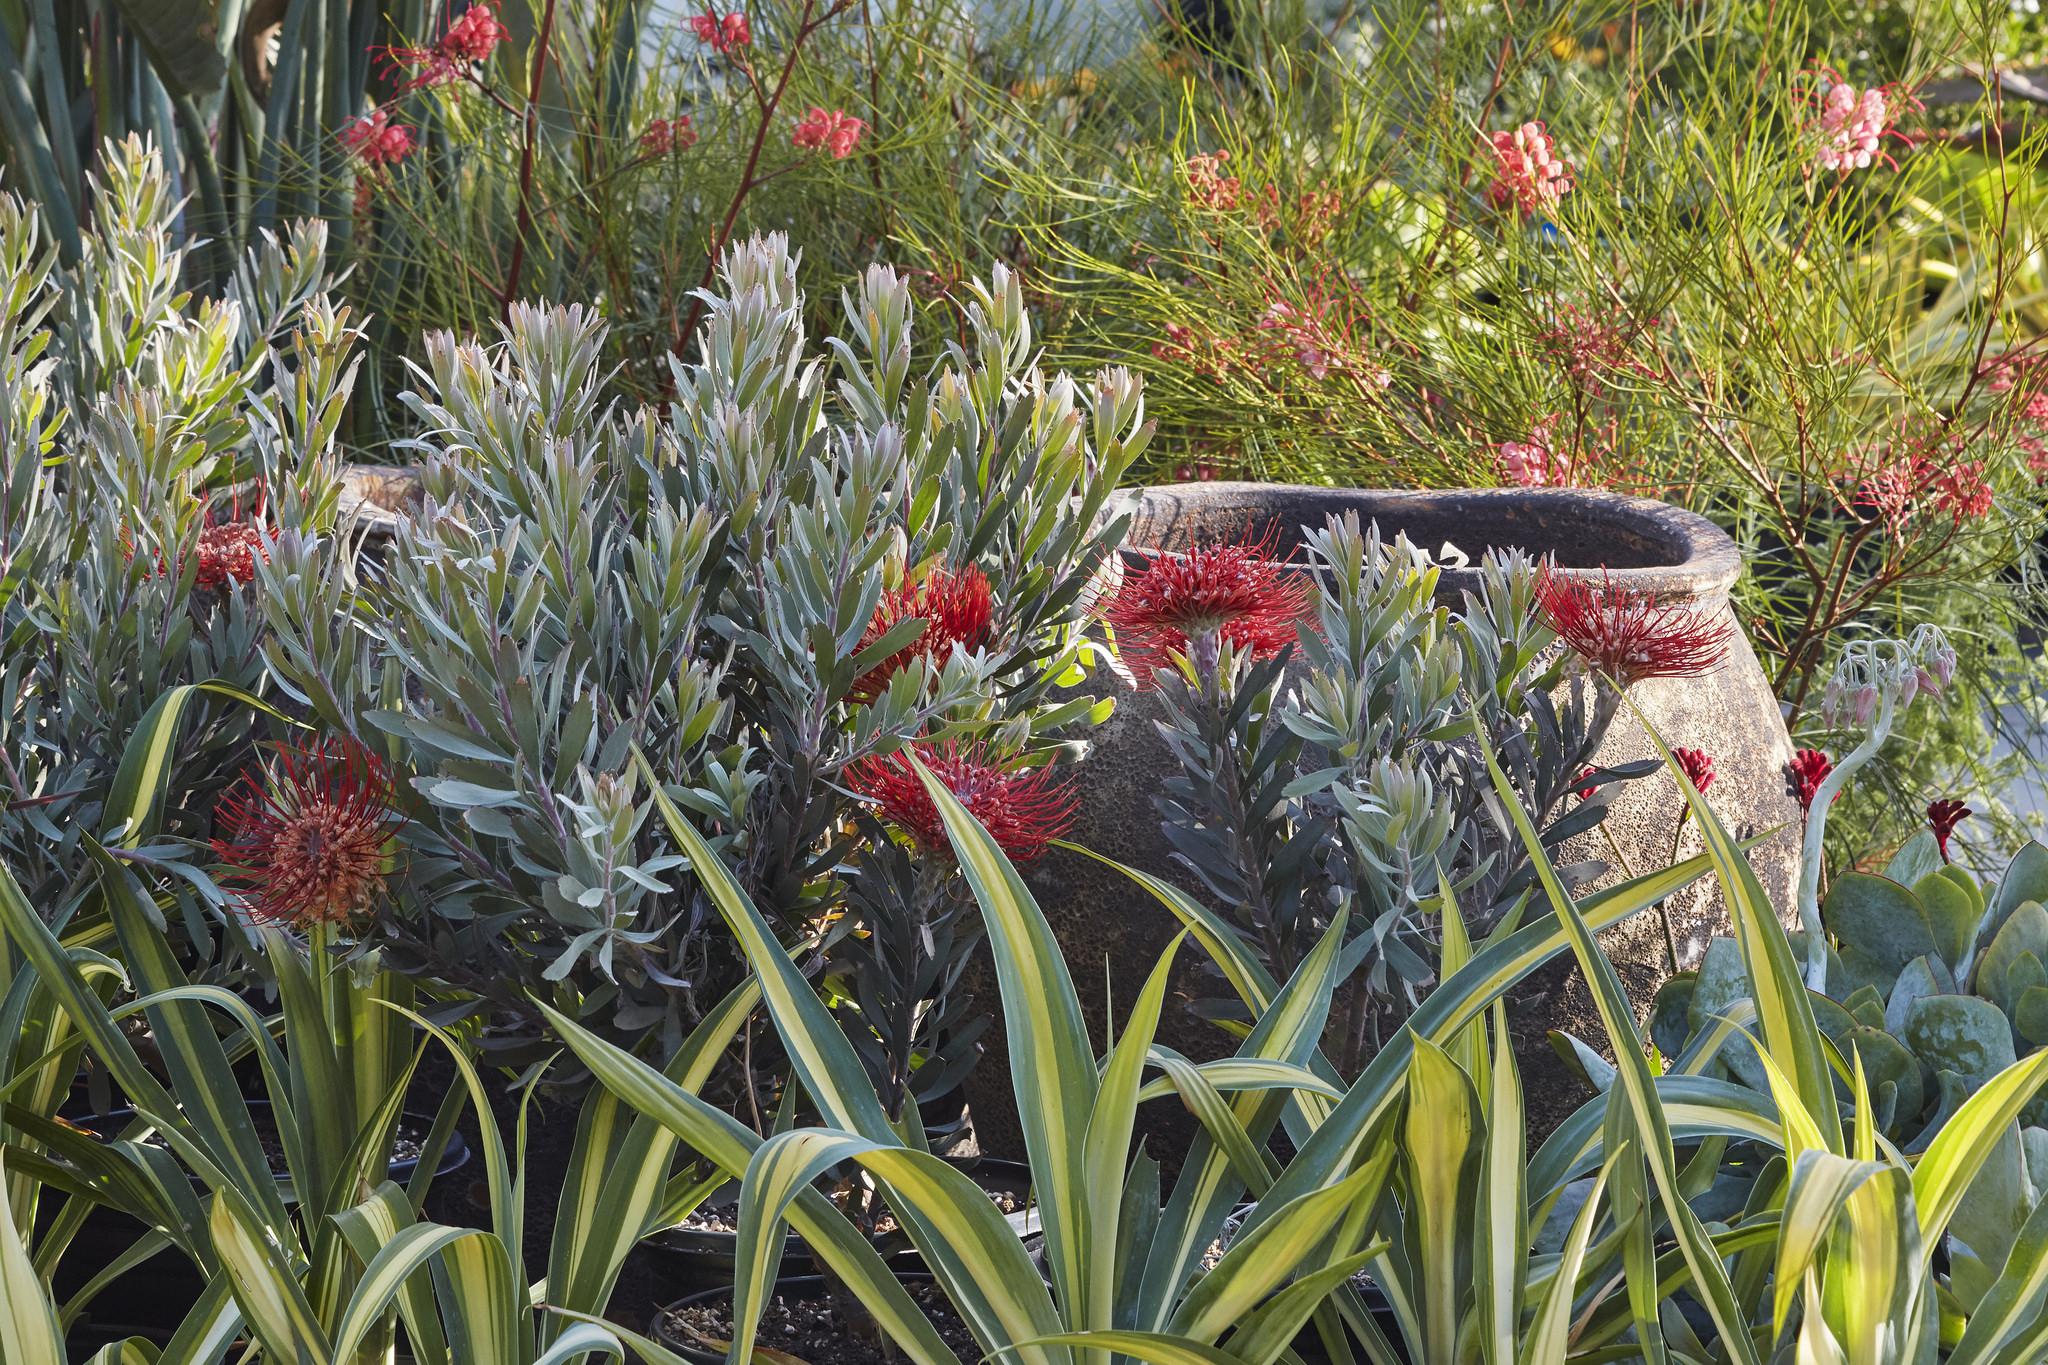 Proteaceae at Flora Grubb Gardens. Leucospermum 'Blanche Ito' and Grevillea 'Long John'. .jpg